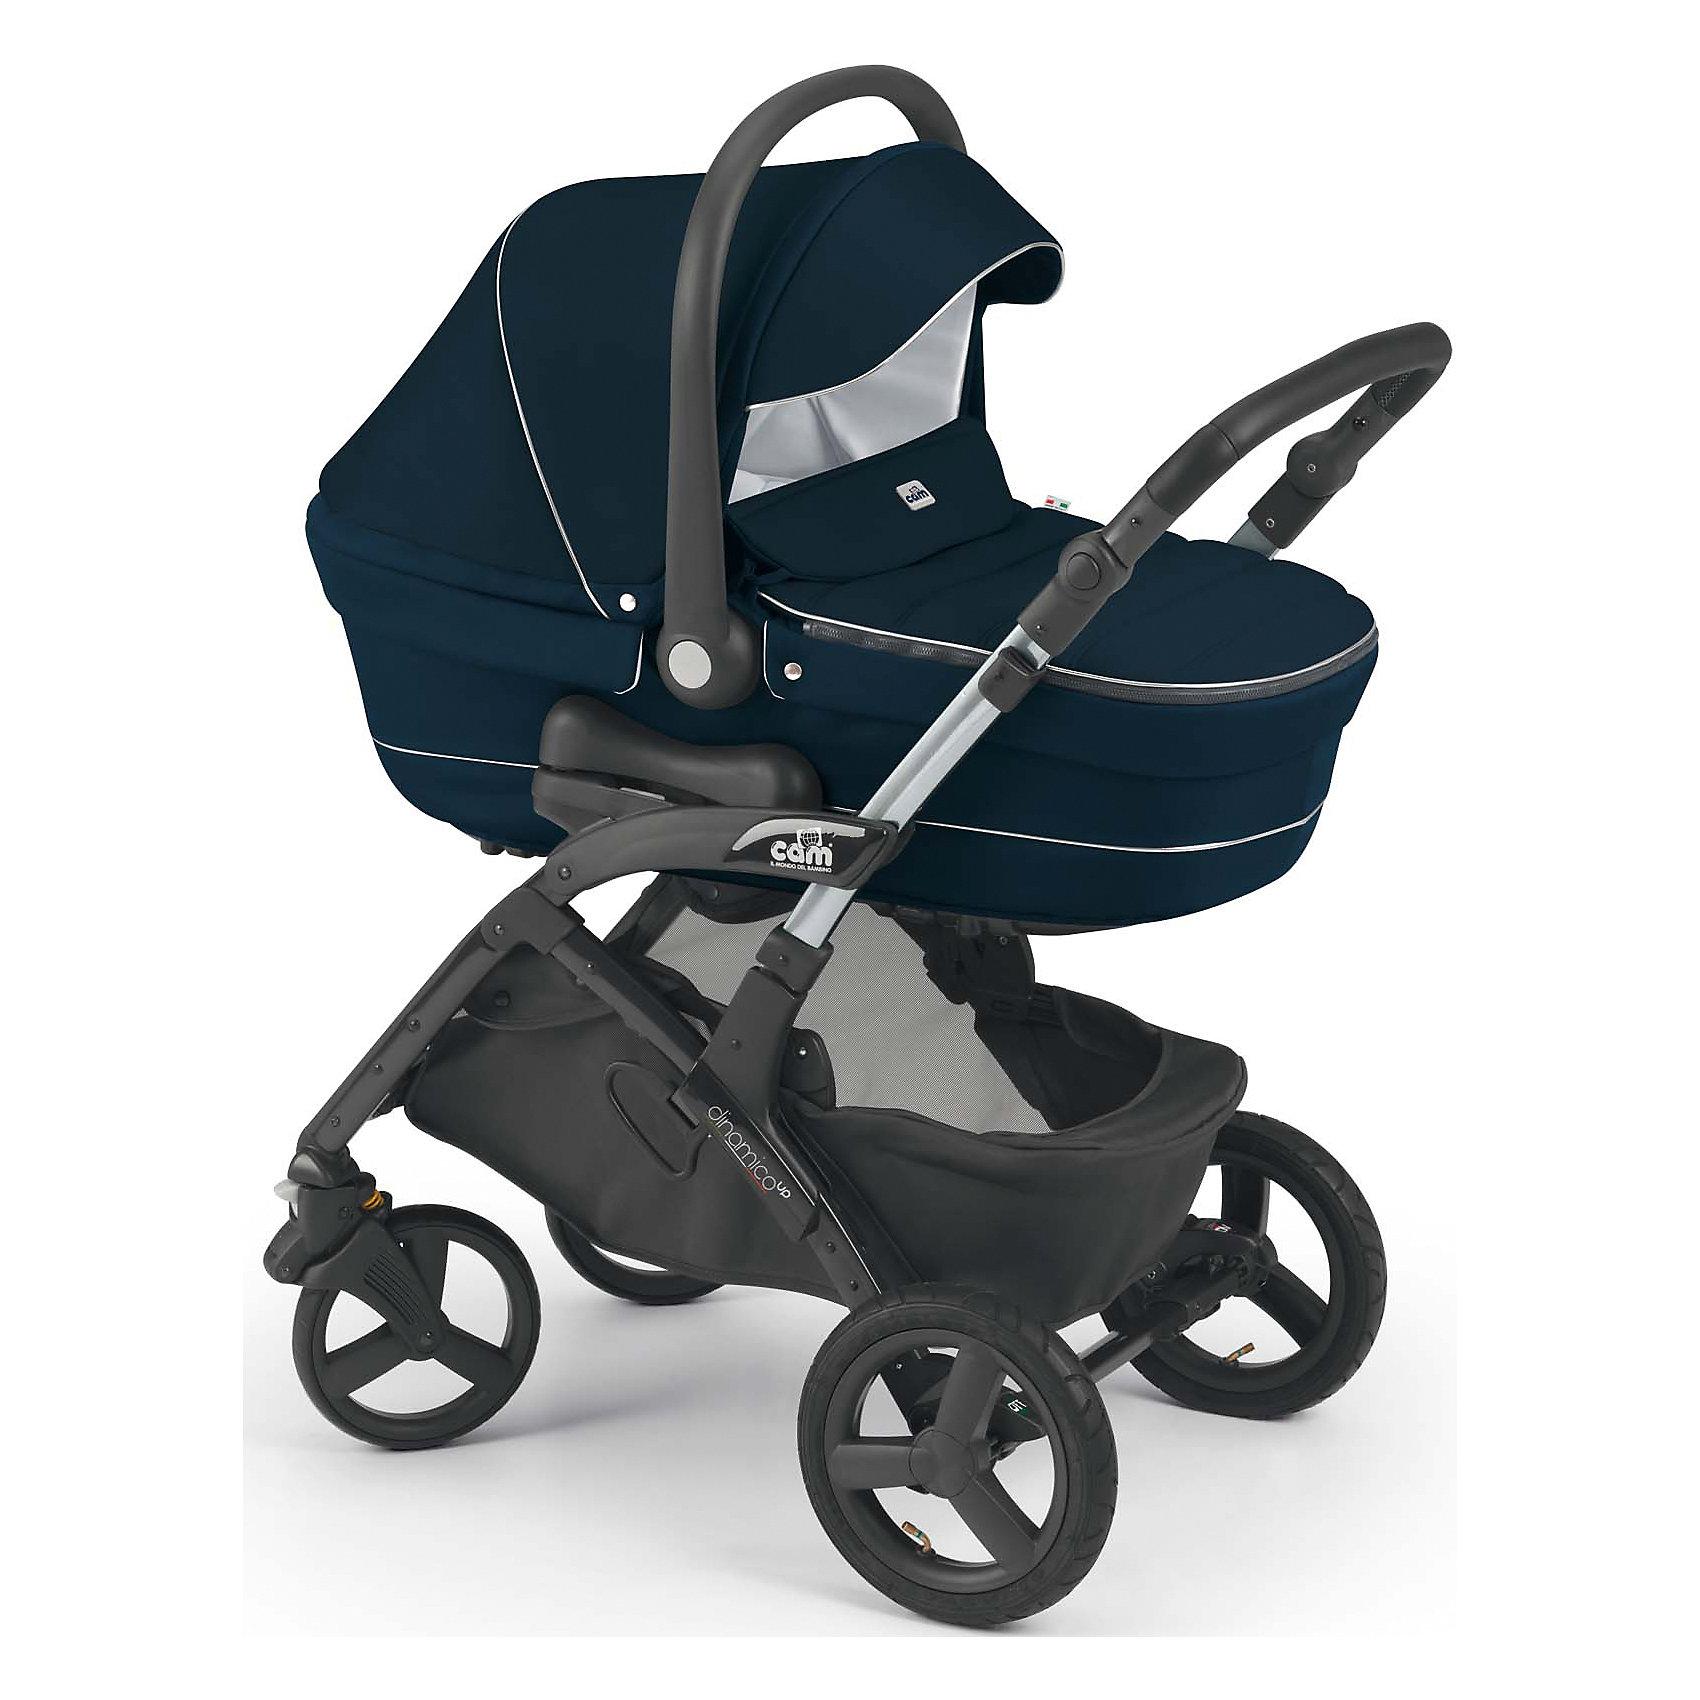 CAM Коляска 3-в-1 Dinamico Up, Cam, синий коляска 3 в 1 cam dinamico elite up exclusive цвет 140